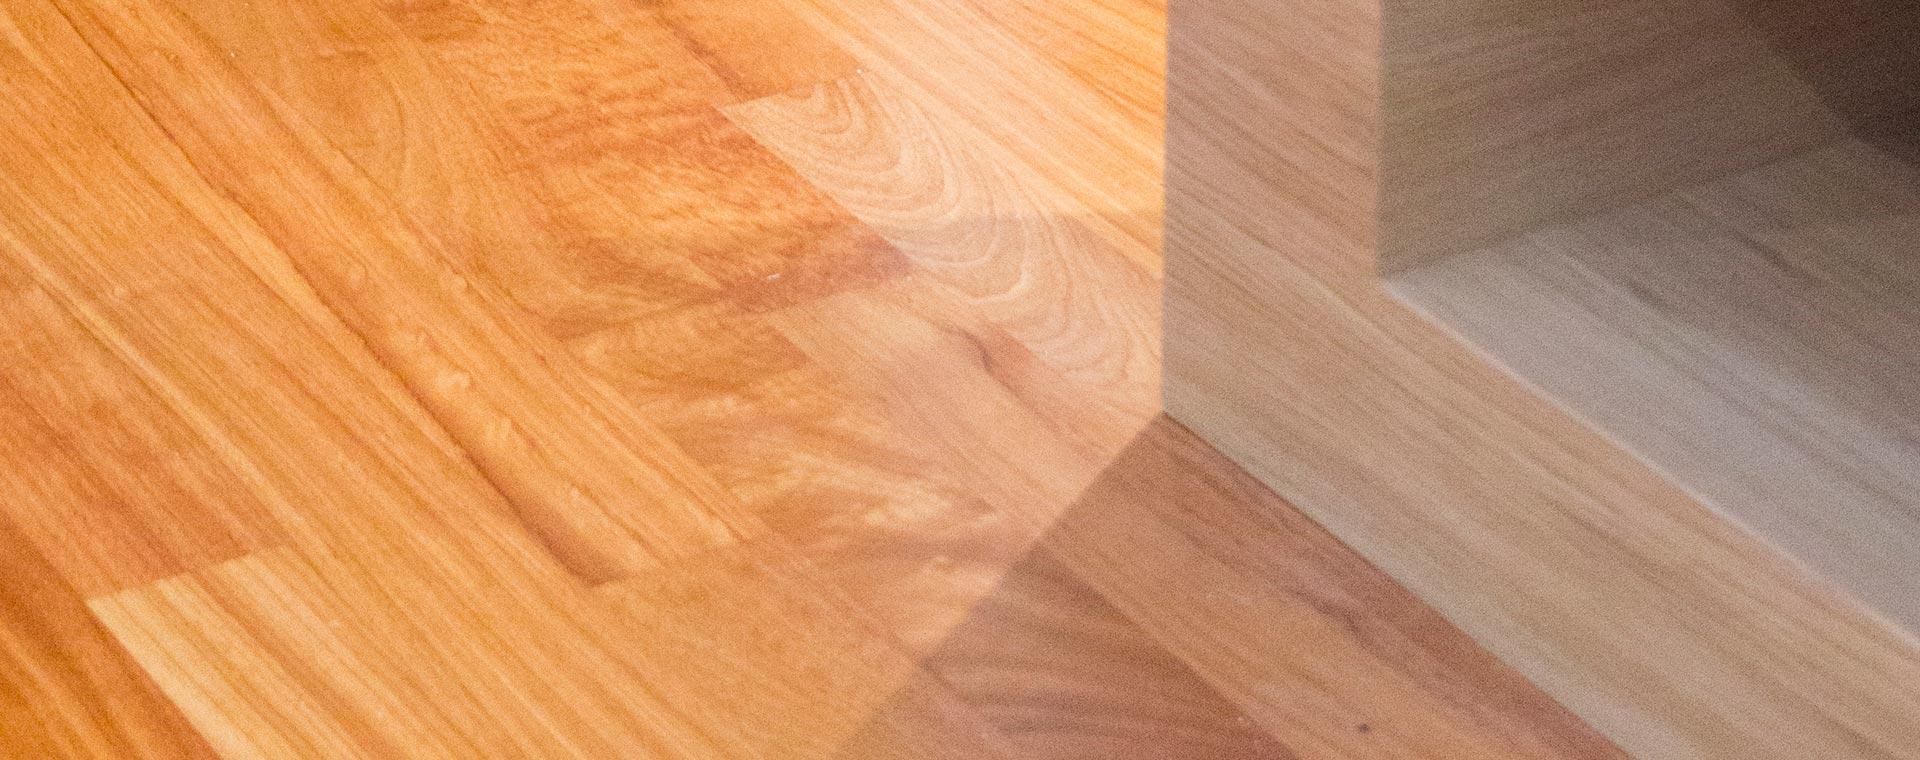 Підлога з дерева Дюссі, меблі з Дуба